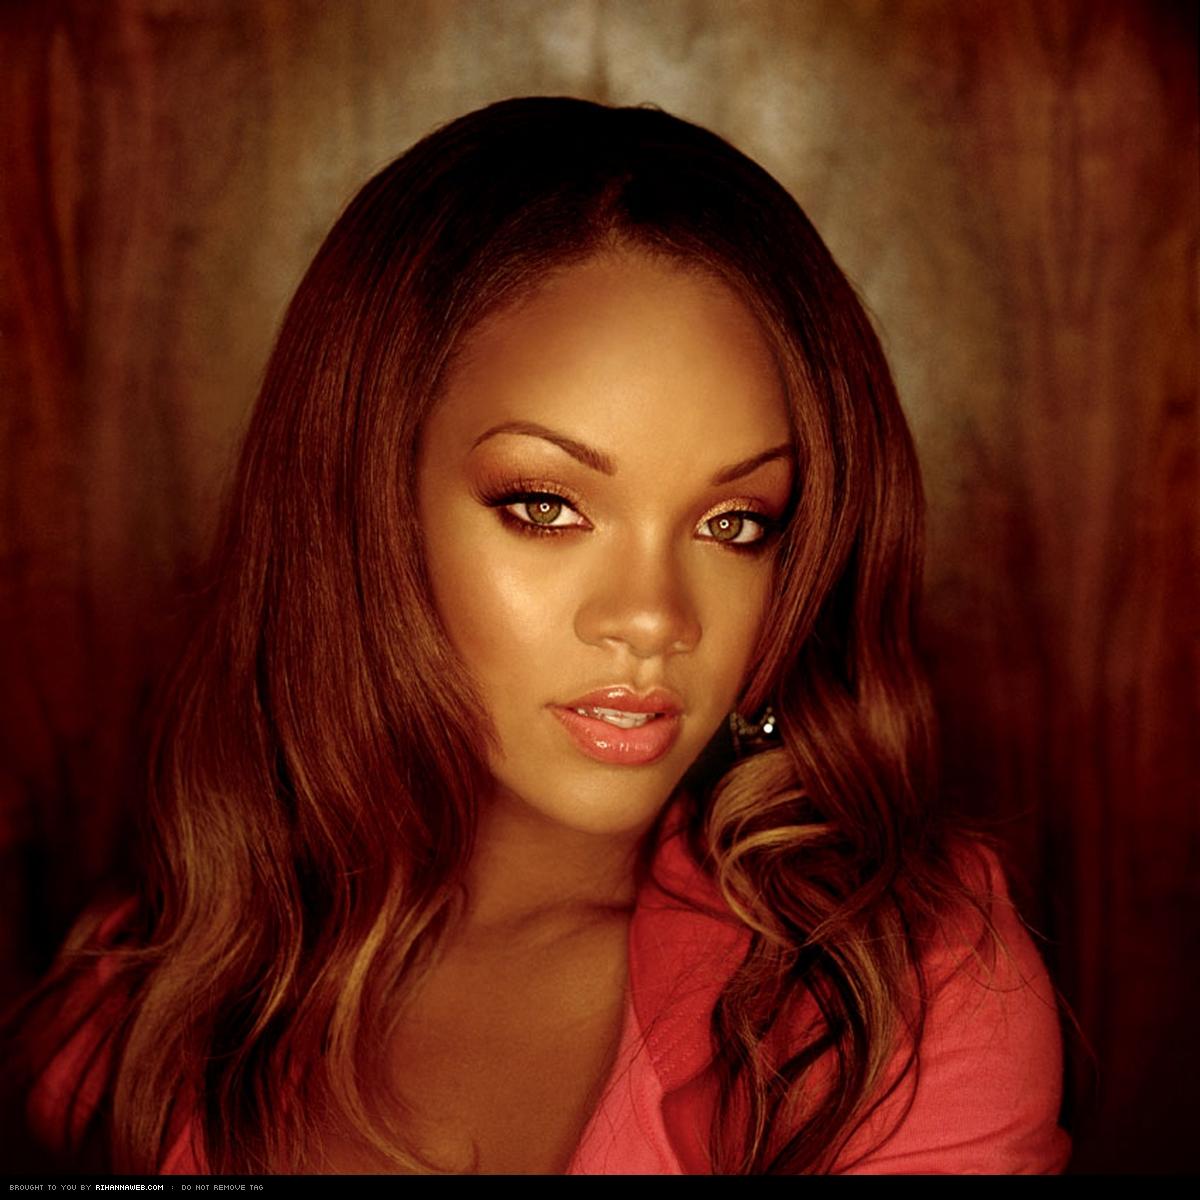 Rihanna Rihanna Photo 268878 Fanpop